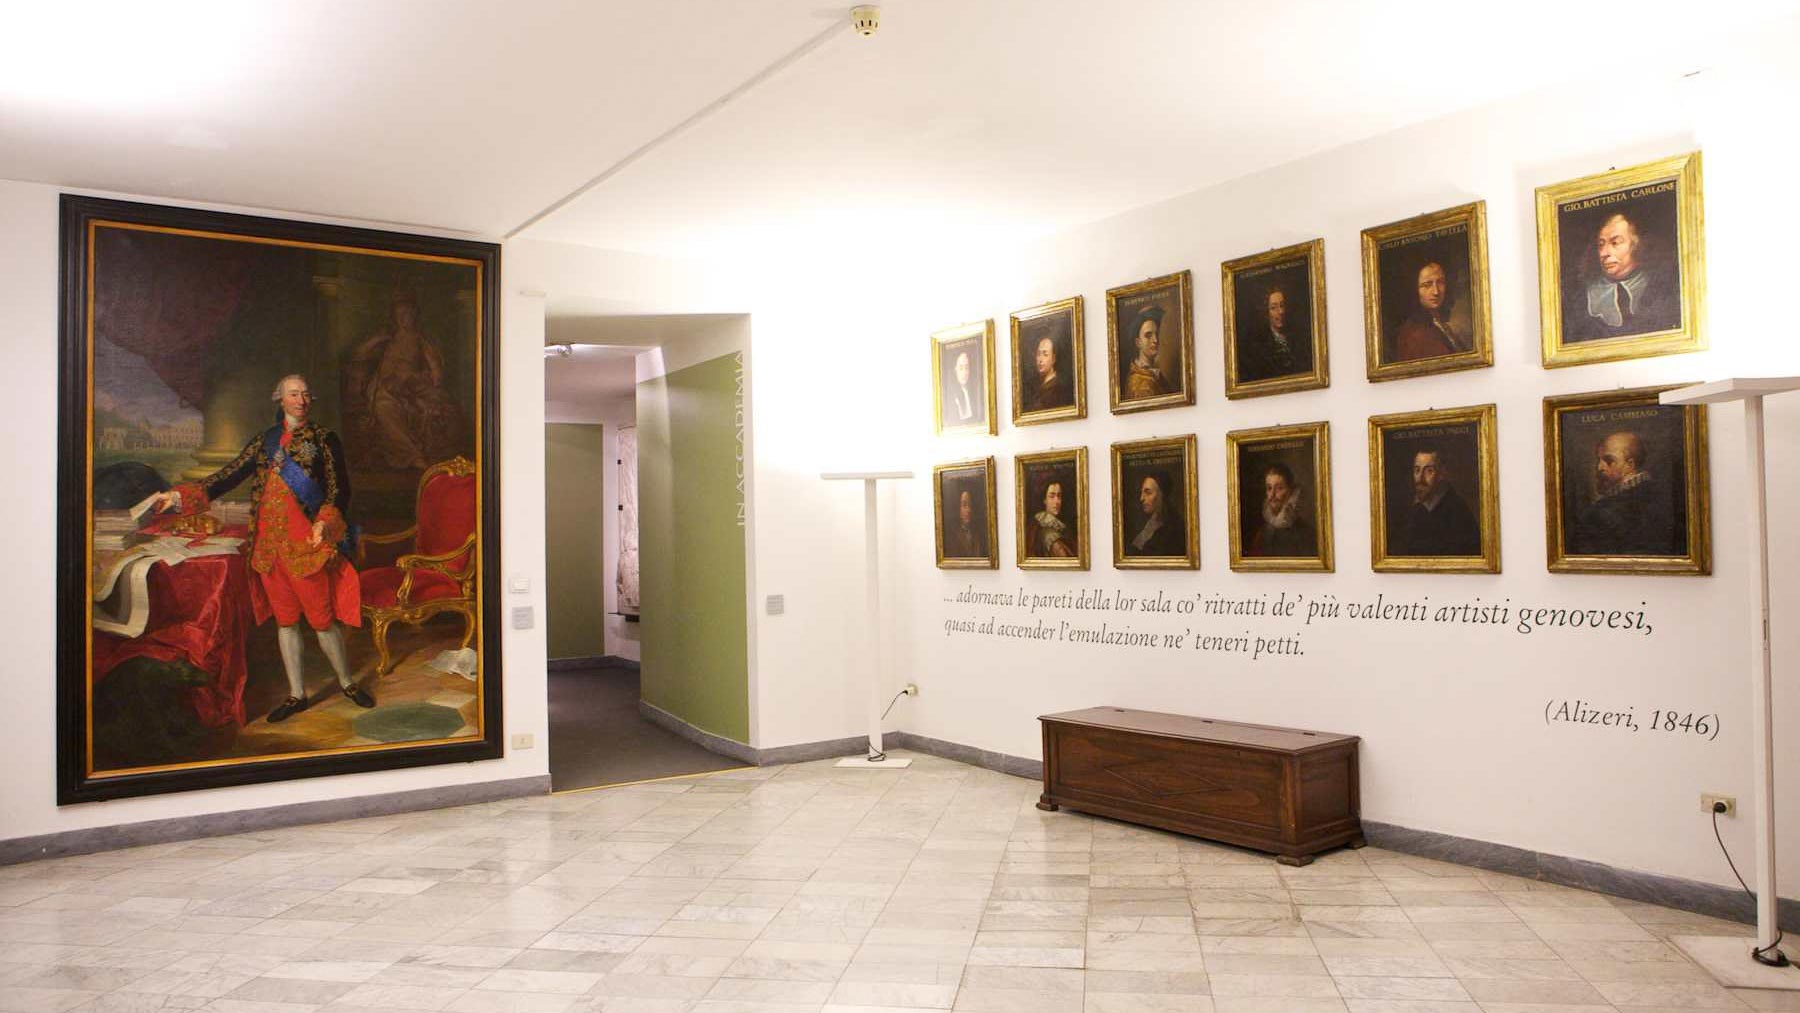 Accademia Ligustica di belle Arti